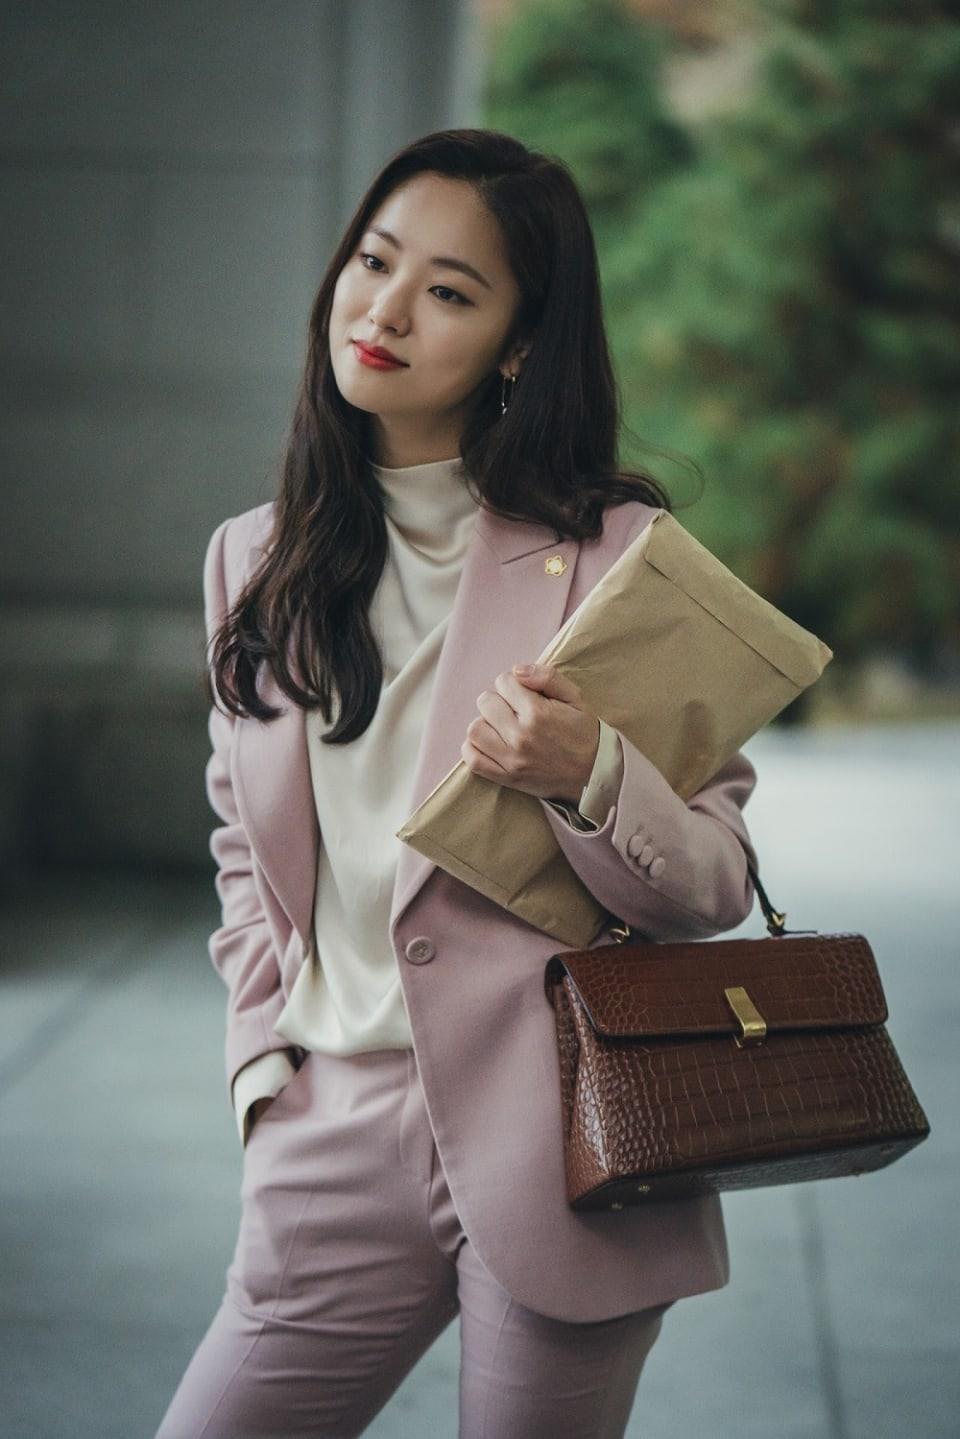 7 nhân vật phim Hàn fan muốn ở cùng nếu bị mắc kẹt trên hoang đảo: Bạn gái Song Joong Ki bất ngờ lọt top, hạng 1 khó ai tranh được với Son Ye Jin - Ảnh 2.